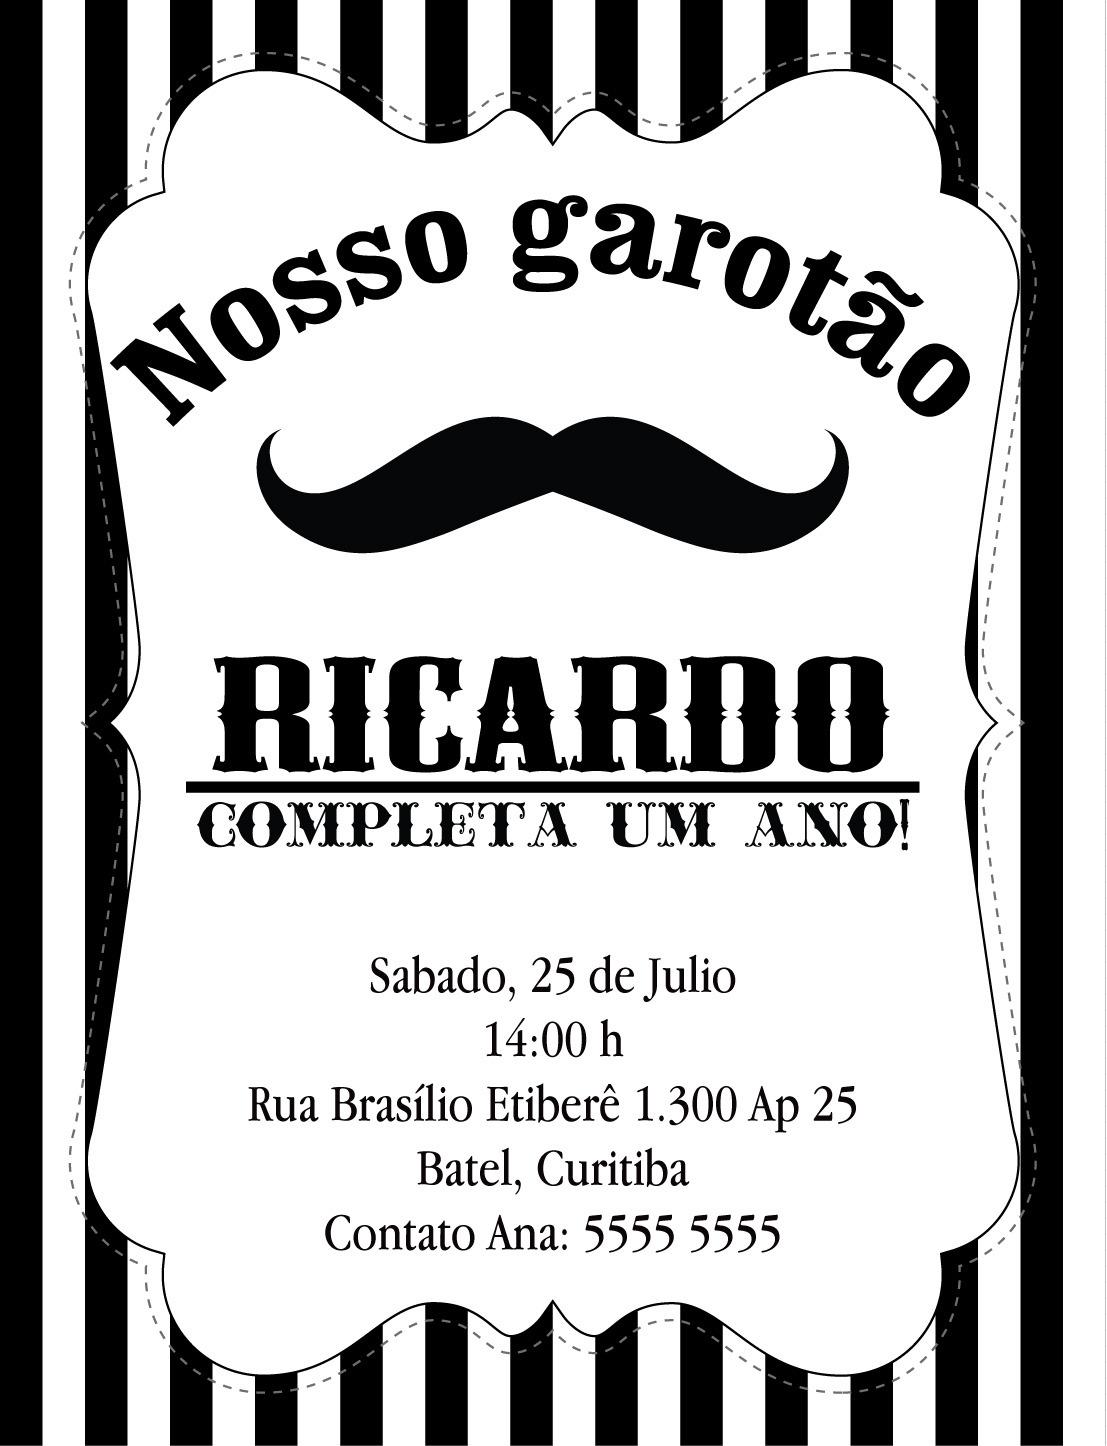 Excepcional Convite Mustache Bigode Baby no Elo7 | Bolle Blu Party - Itália  YQ66